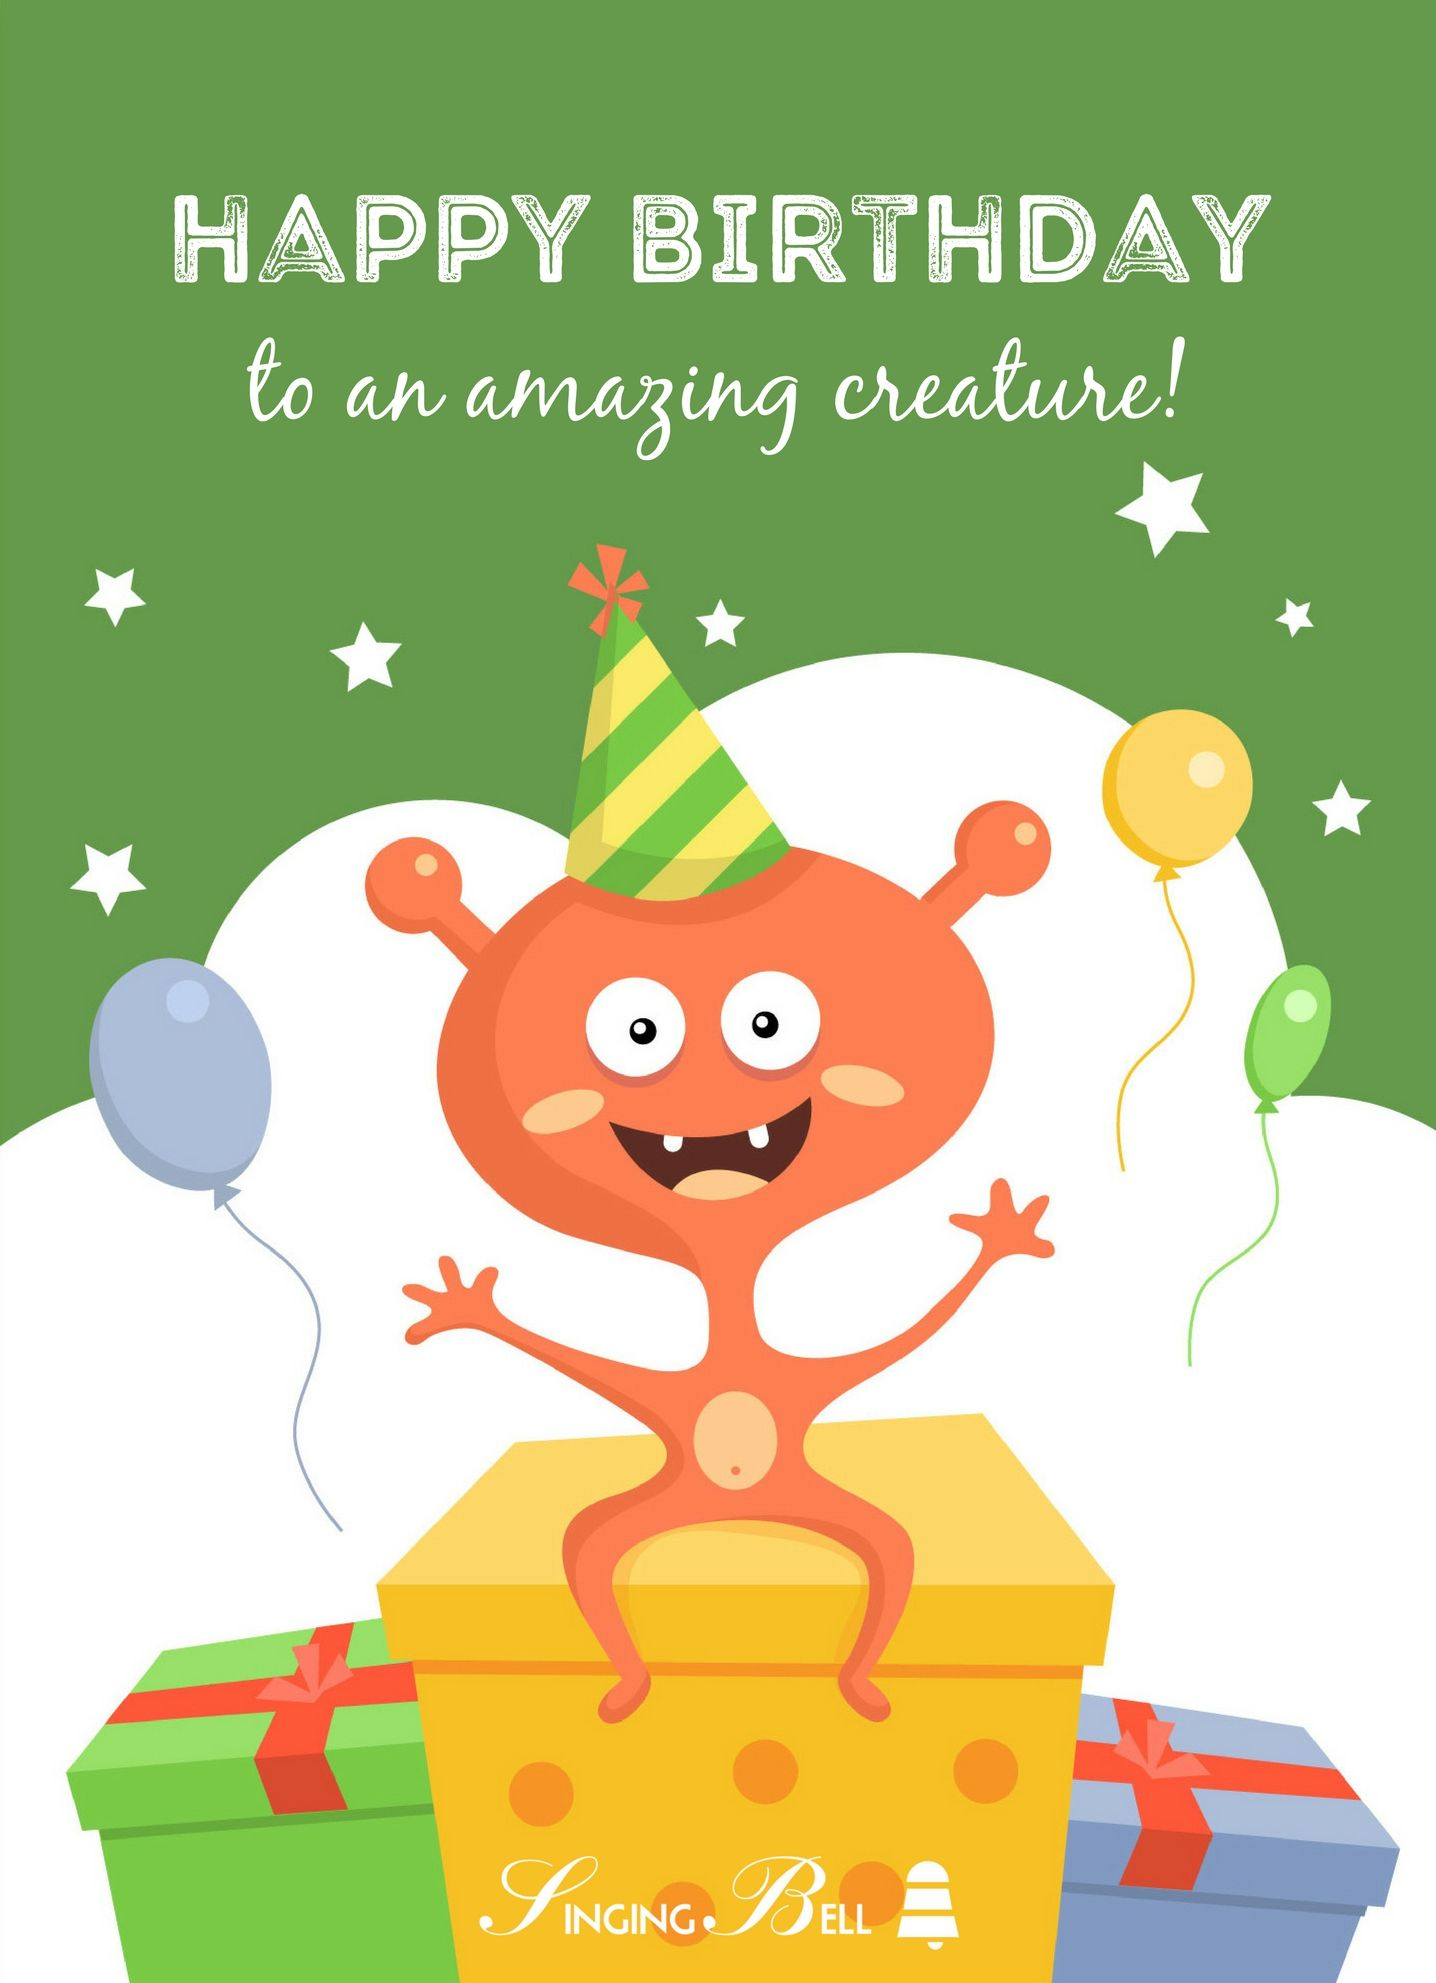 Happy Birthday to you Birthday wishes, Birthday wishes